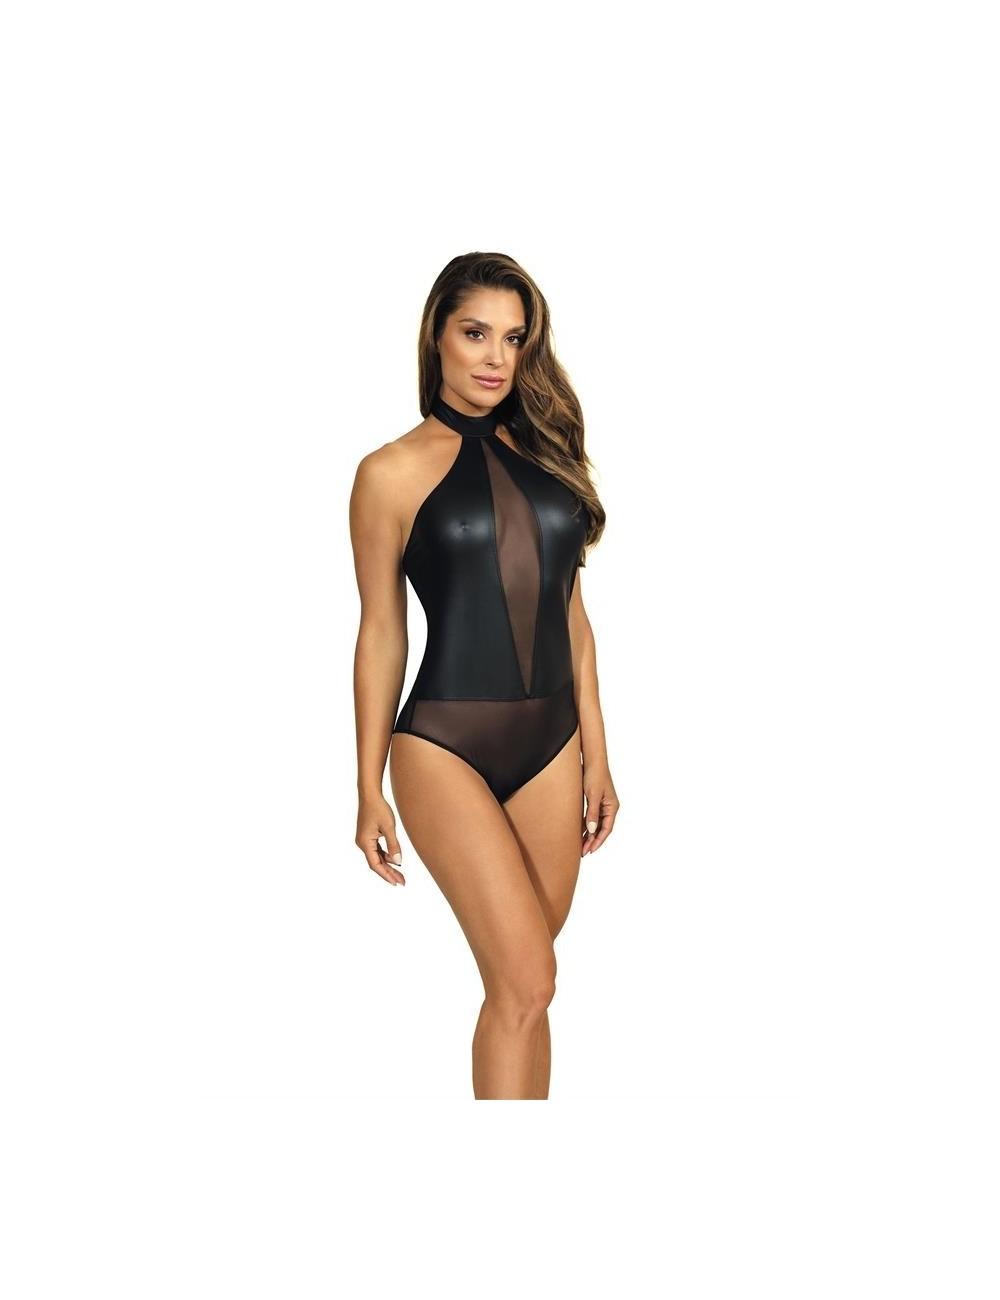 Lingerie - Bodys - V-9150 Body - Noir - Axami